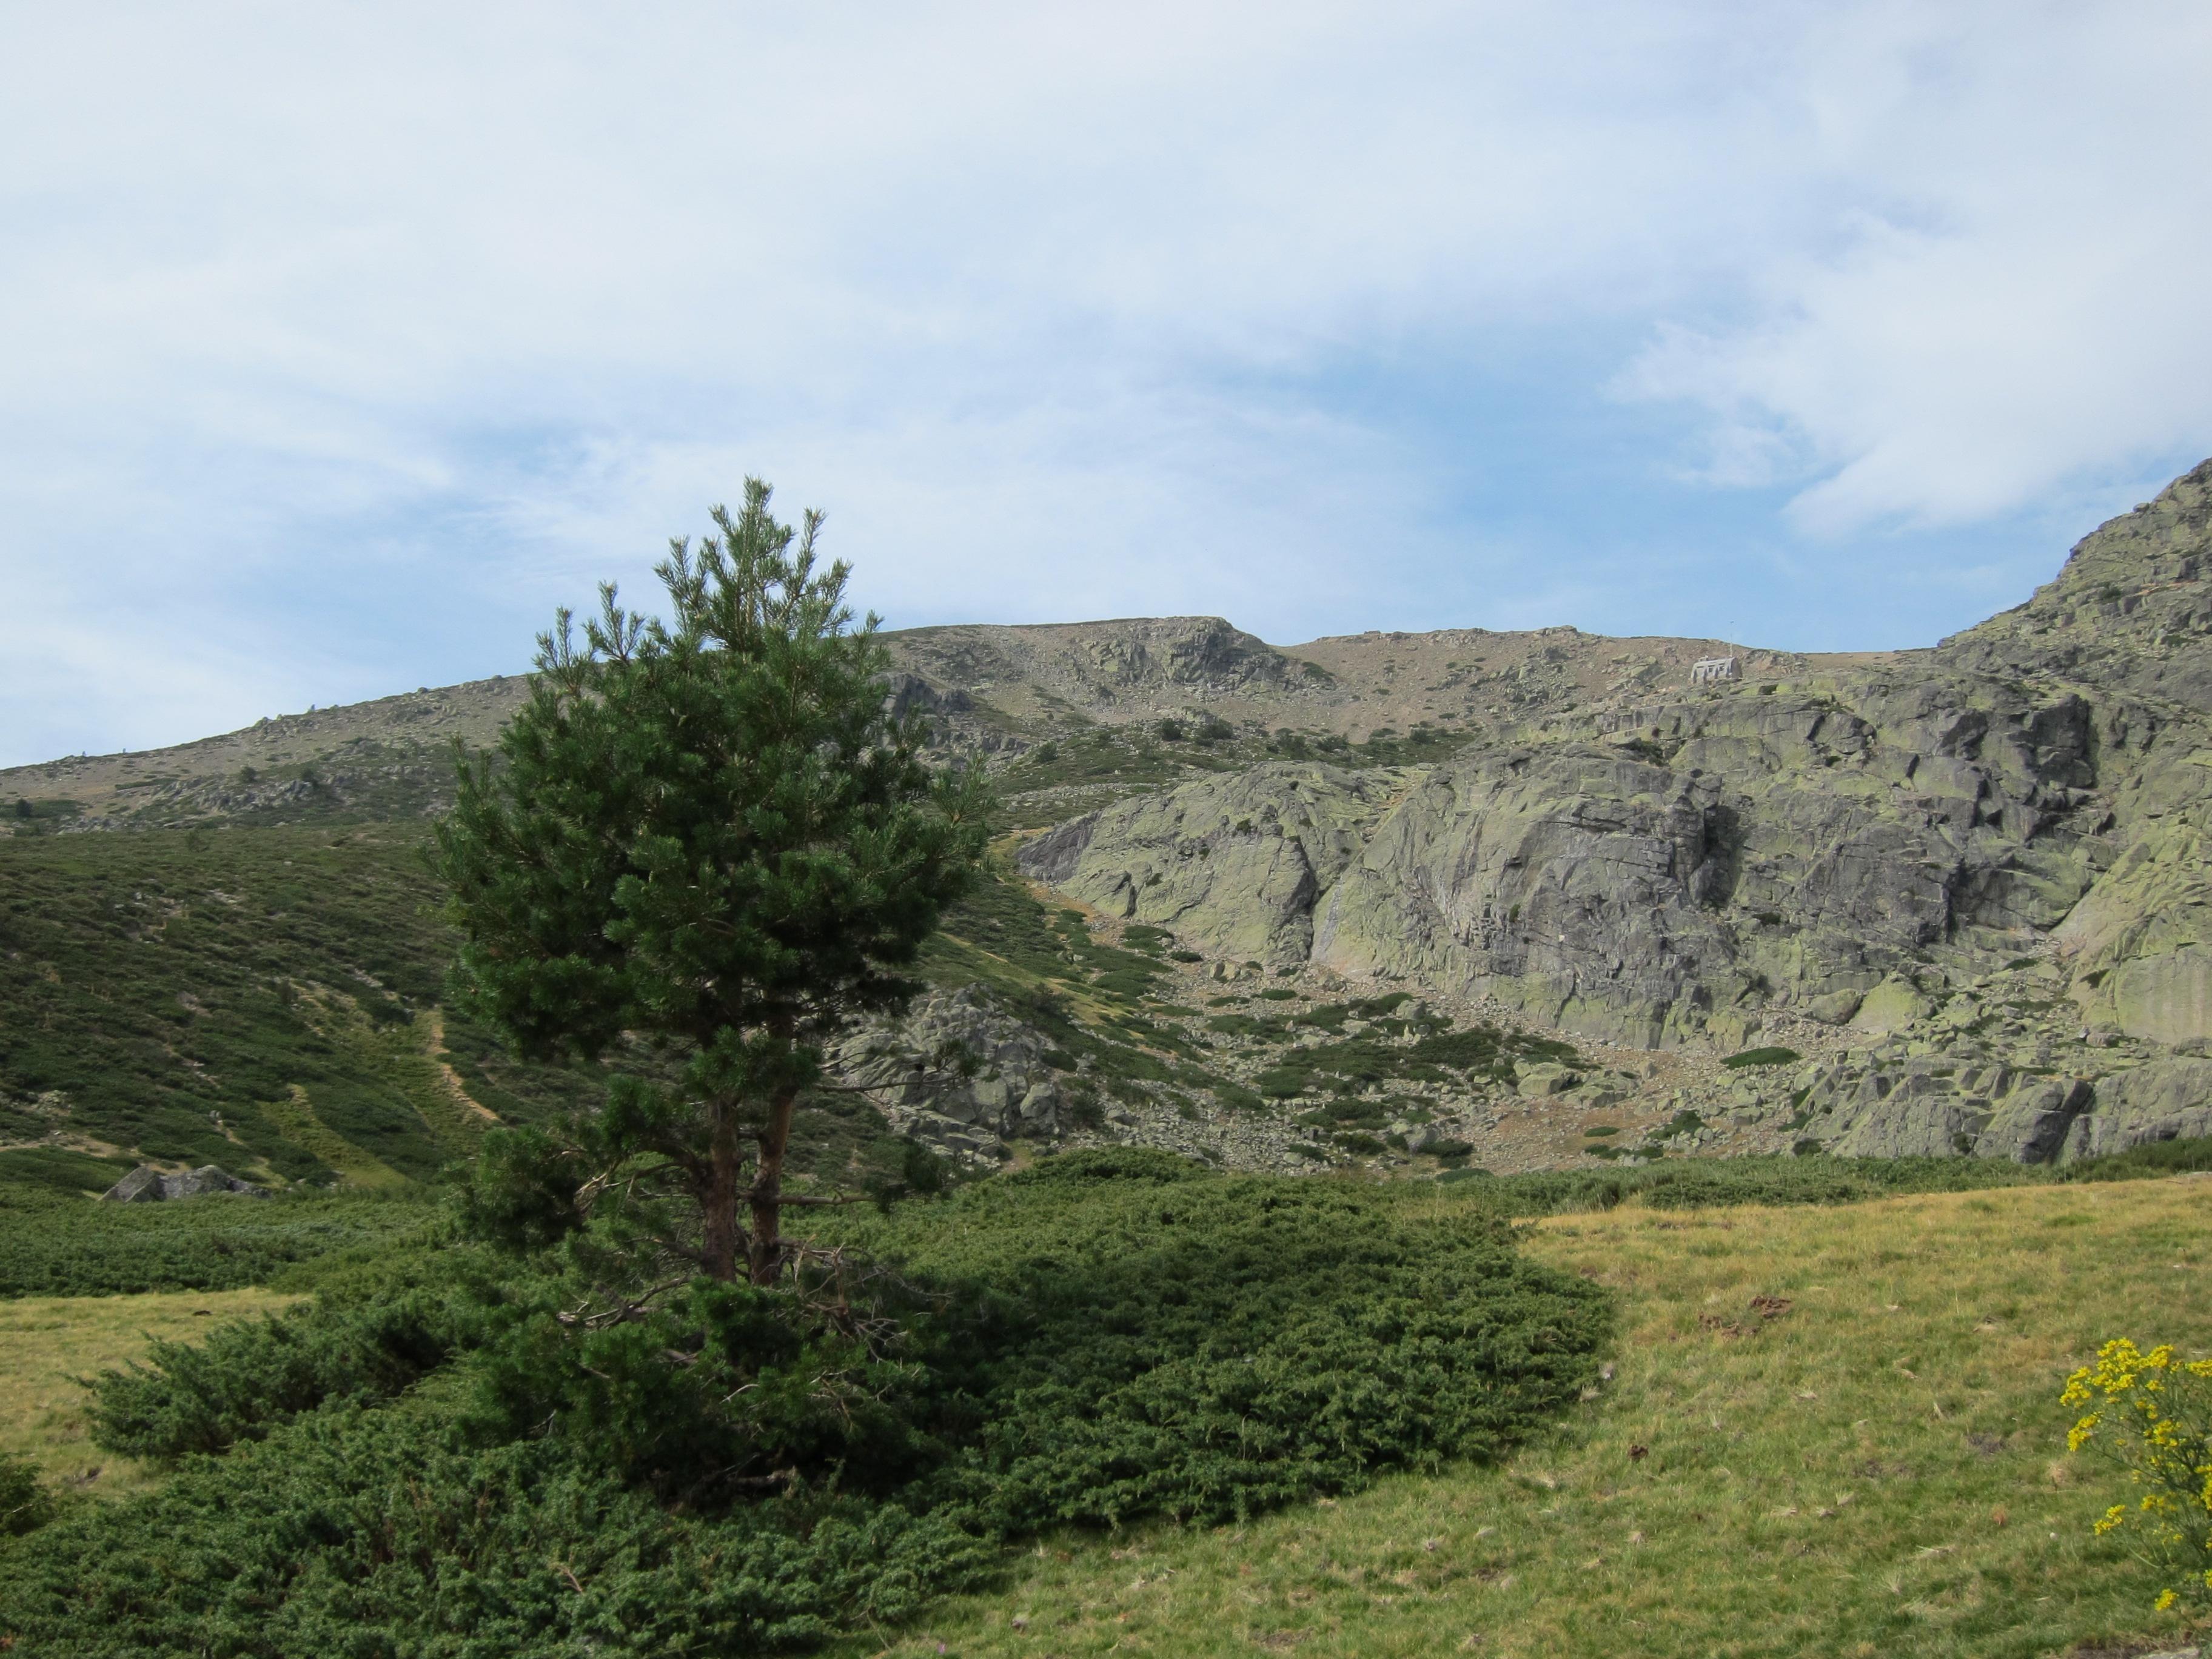 Madrid, CyL, Parques Nacionales impulsarán el turismo sostenible en el Parque Nacional de la Sierra de Guadarrama